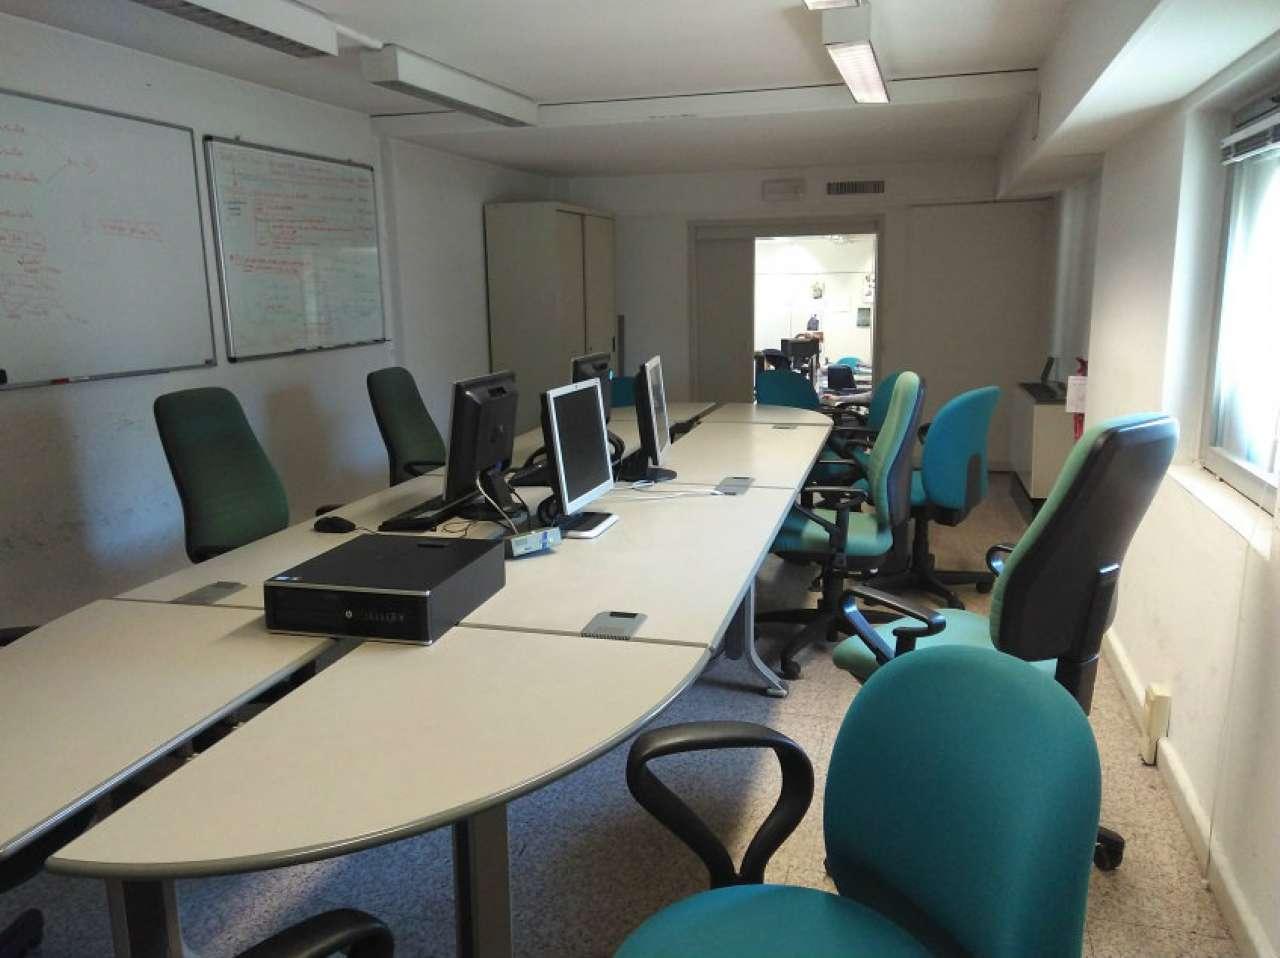 Ufficio / Studio in vendita a Lodi, 4 locali, prezzo € 680.000 | CambioCasa.it